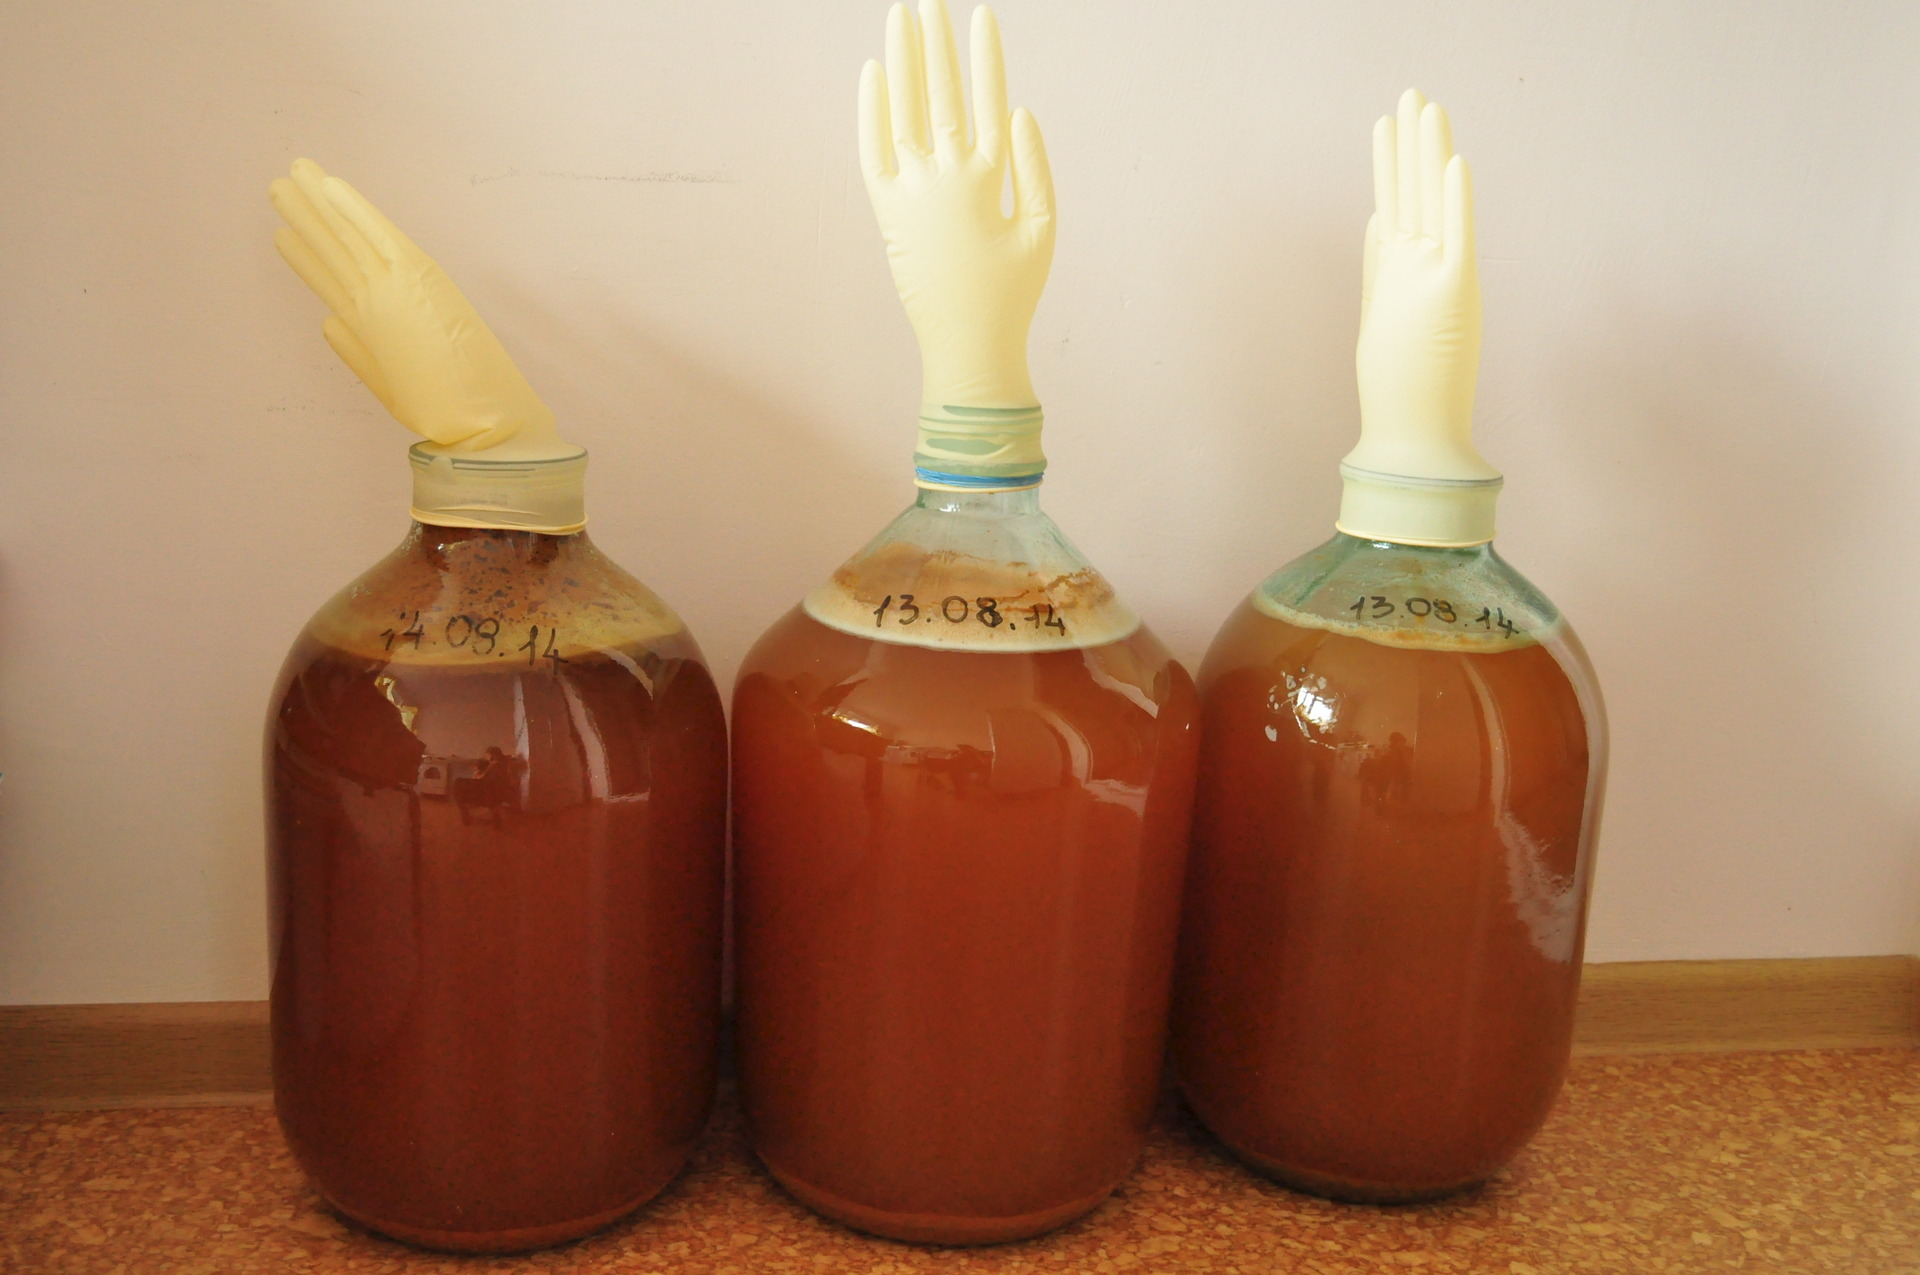 Вино из яблок по рецептам из жмыха, сока, варенья и спелых фруктов